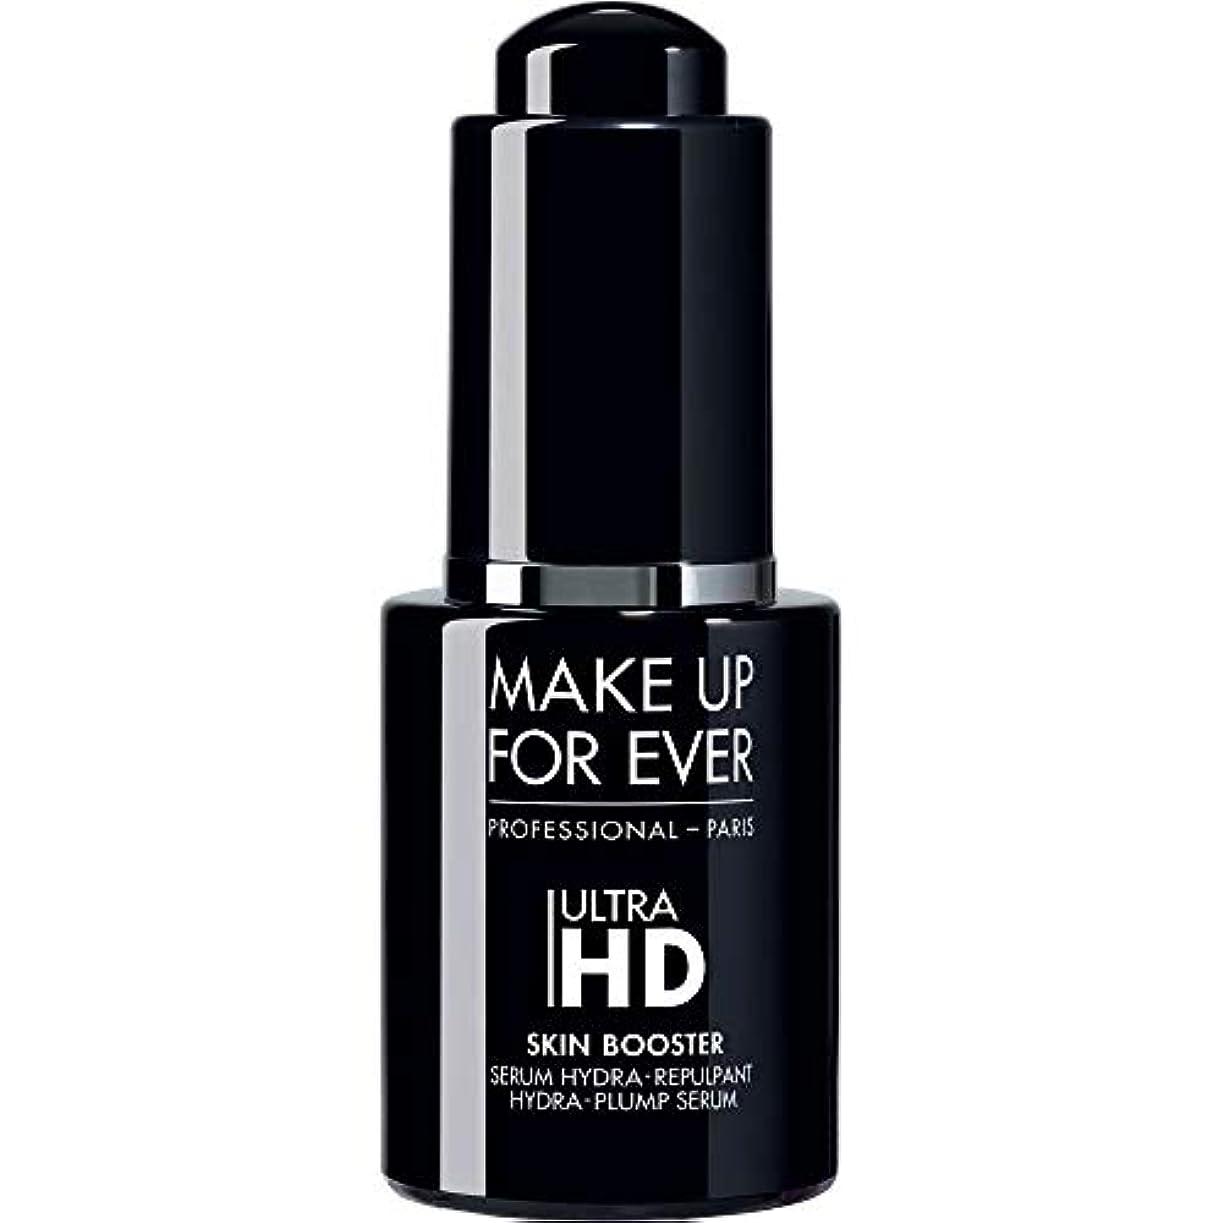 幻想優しいスーダン[MAKE UP FOR EVER] これまで超のHdスキンブースターヒドラ-ふっくら血清12ミリリットルを補います - MAKE UP FOR EVER Ultra HD Skin Booster Hydra-Plump...